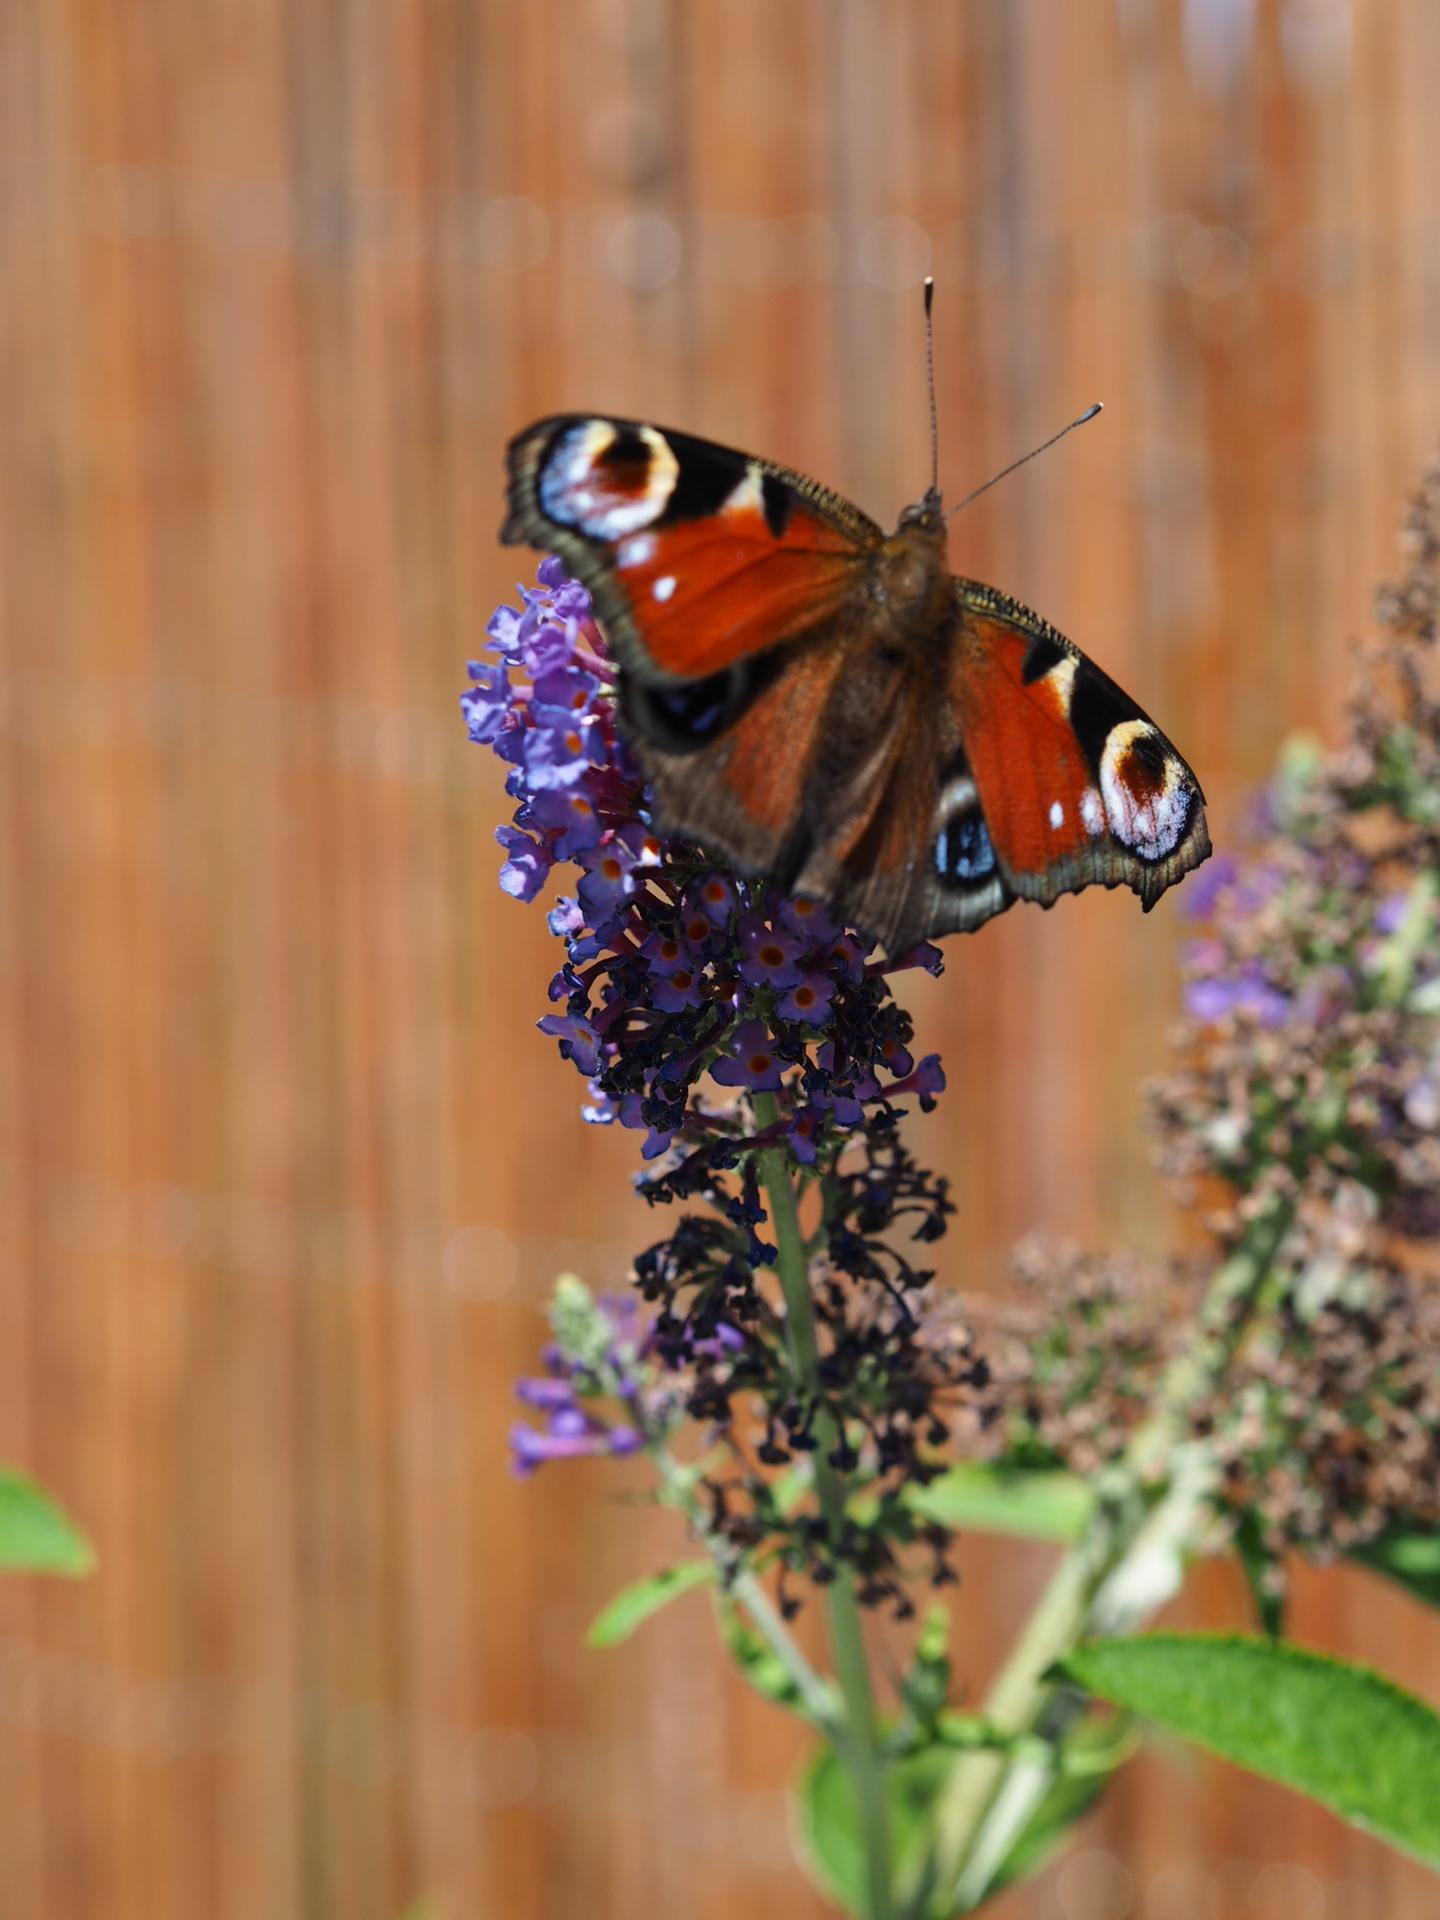 Začínáme se zahrádkou - Motýlí keř opravdu přitahuje motýly 🤗😊